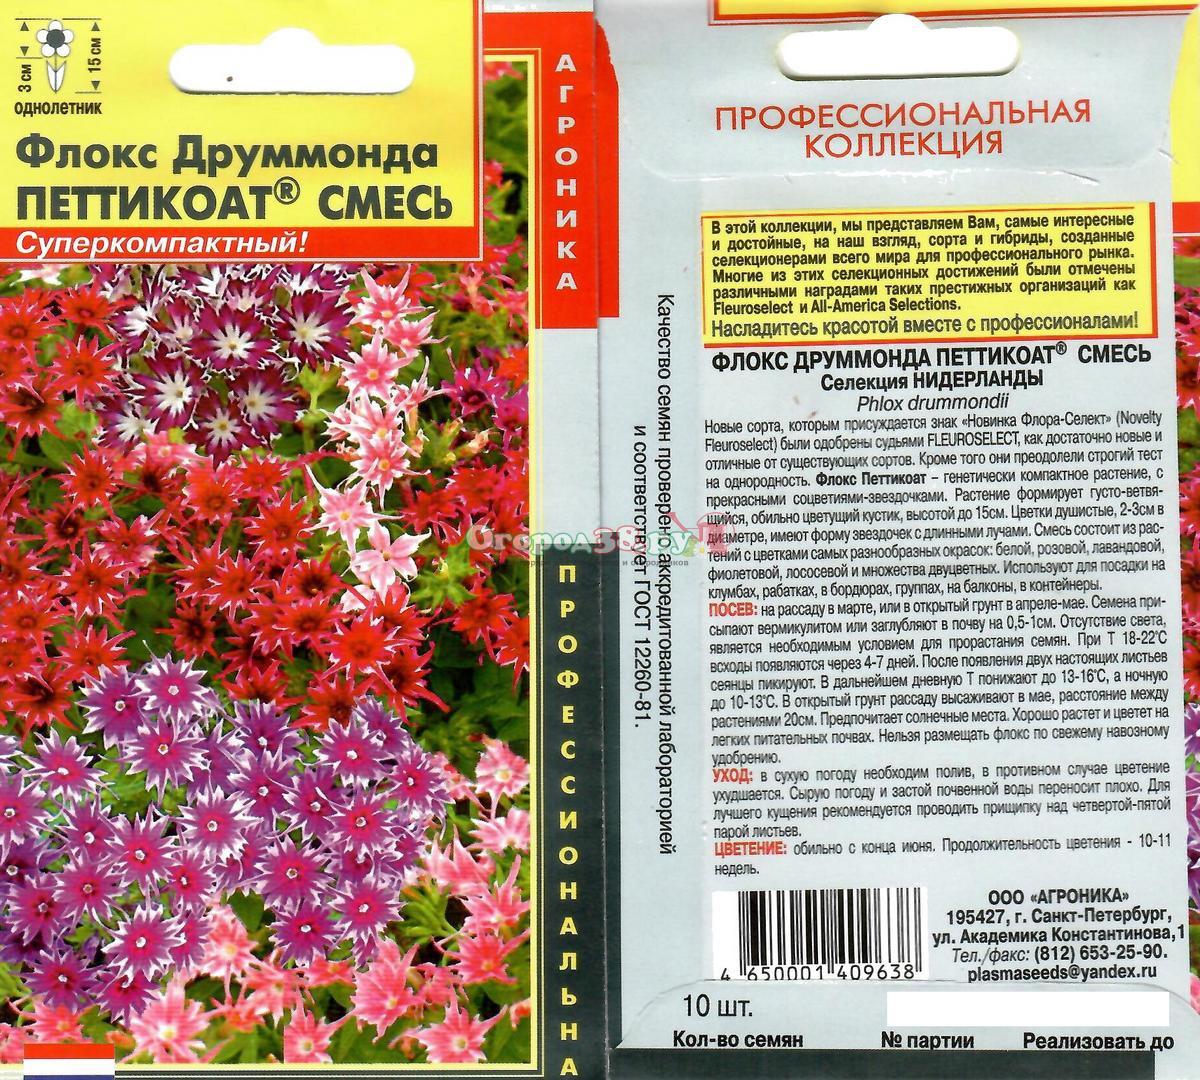 Семена клубники купить, лучшие сорта по каталогу почтой